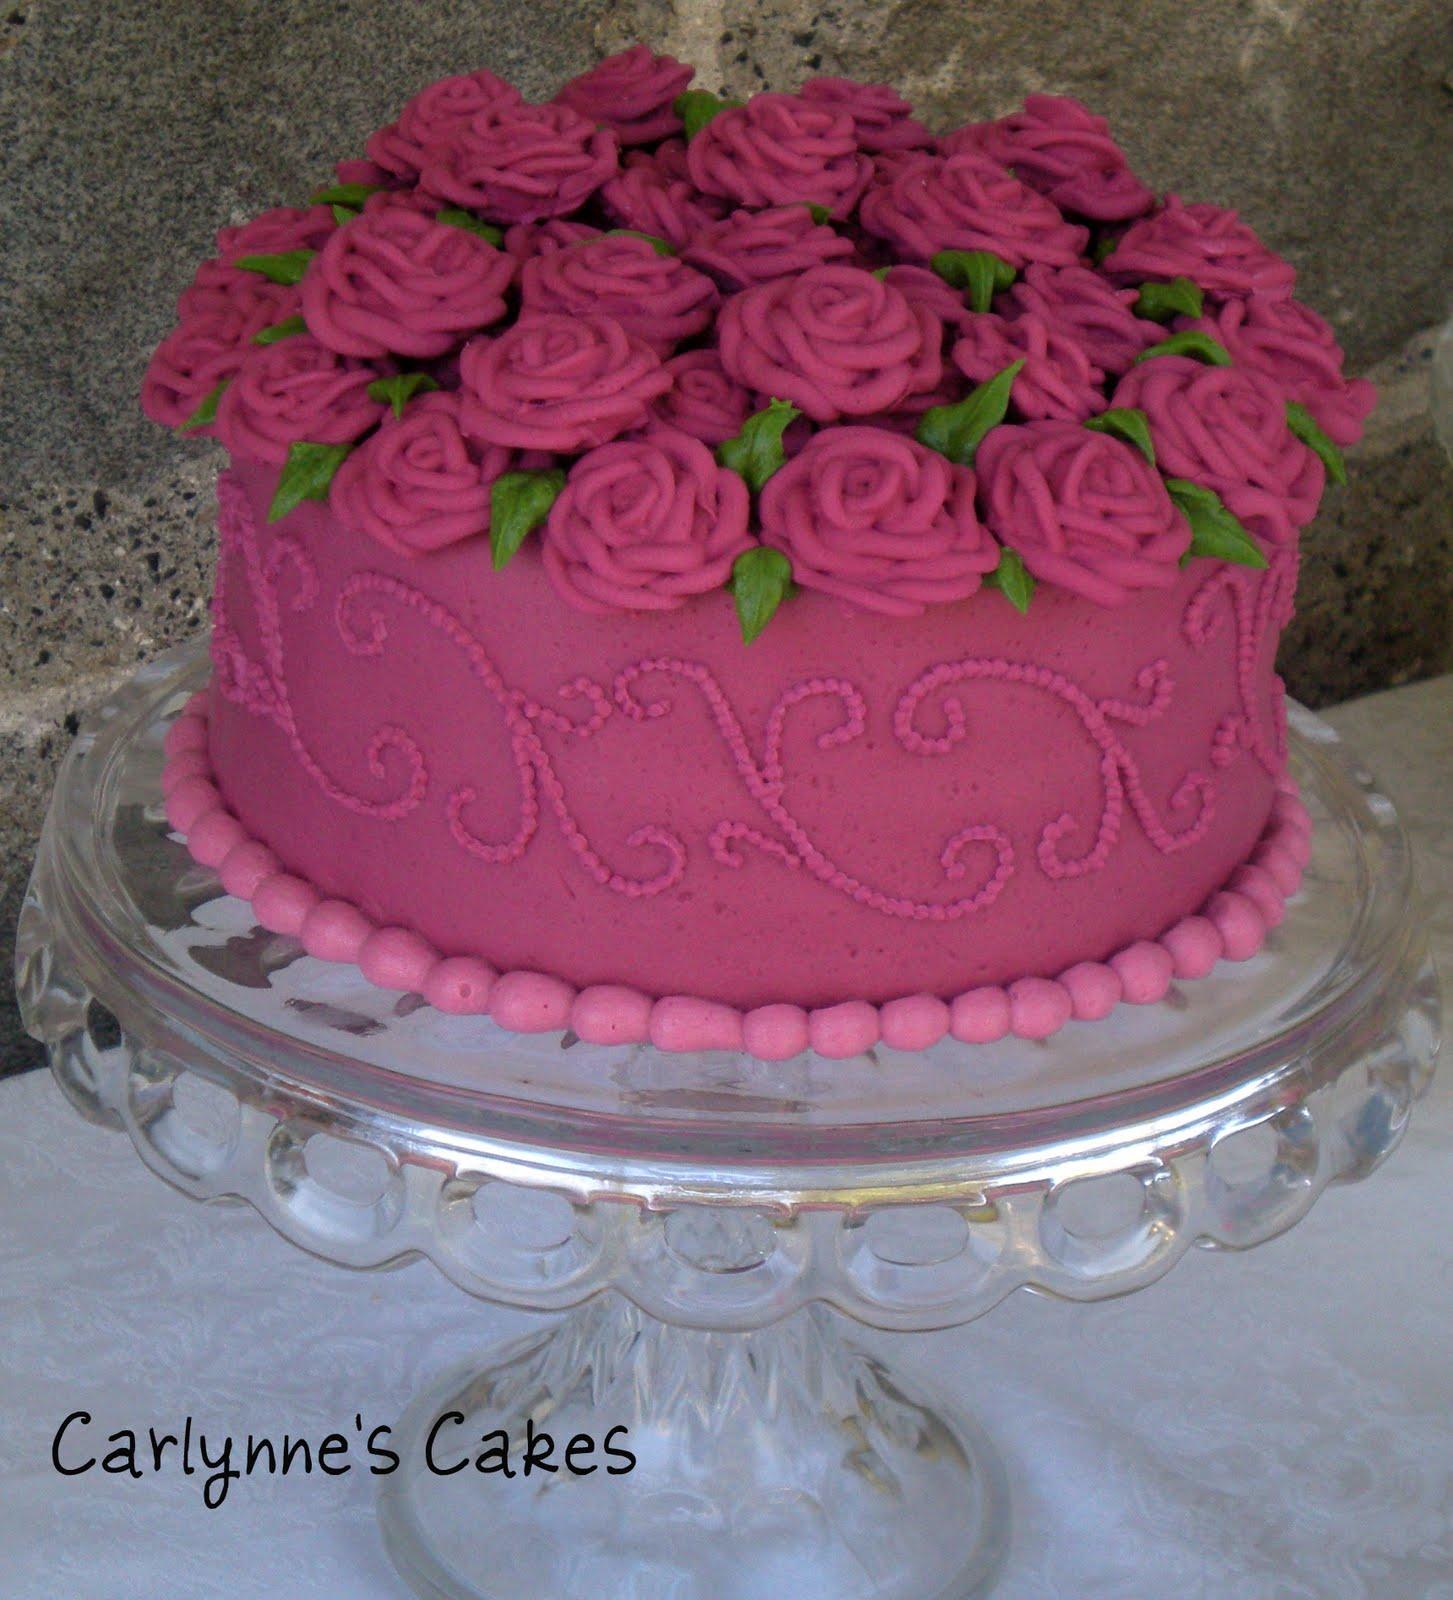 Carlynnes Cakes September 2010